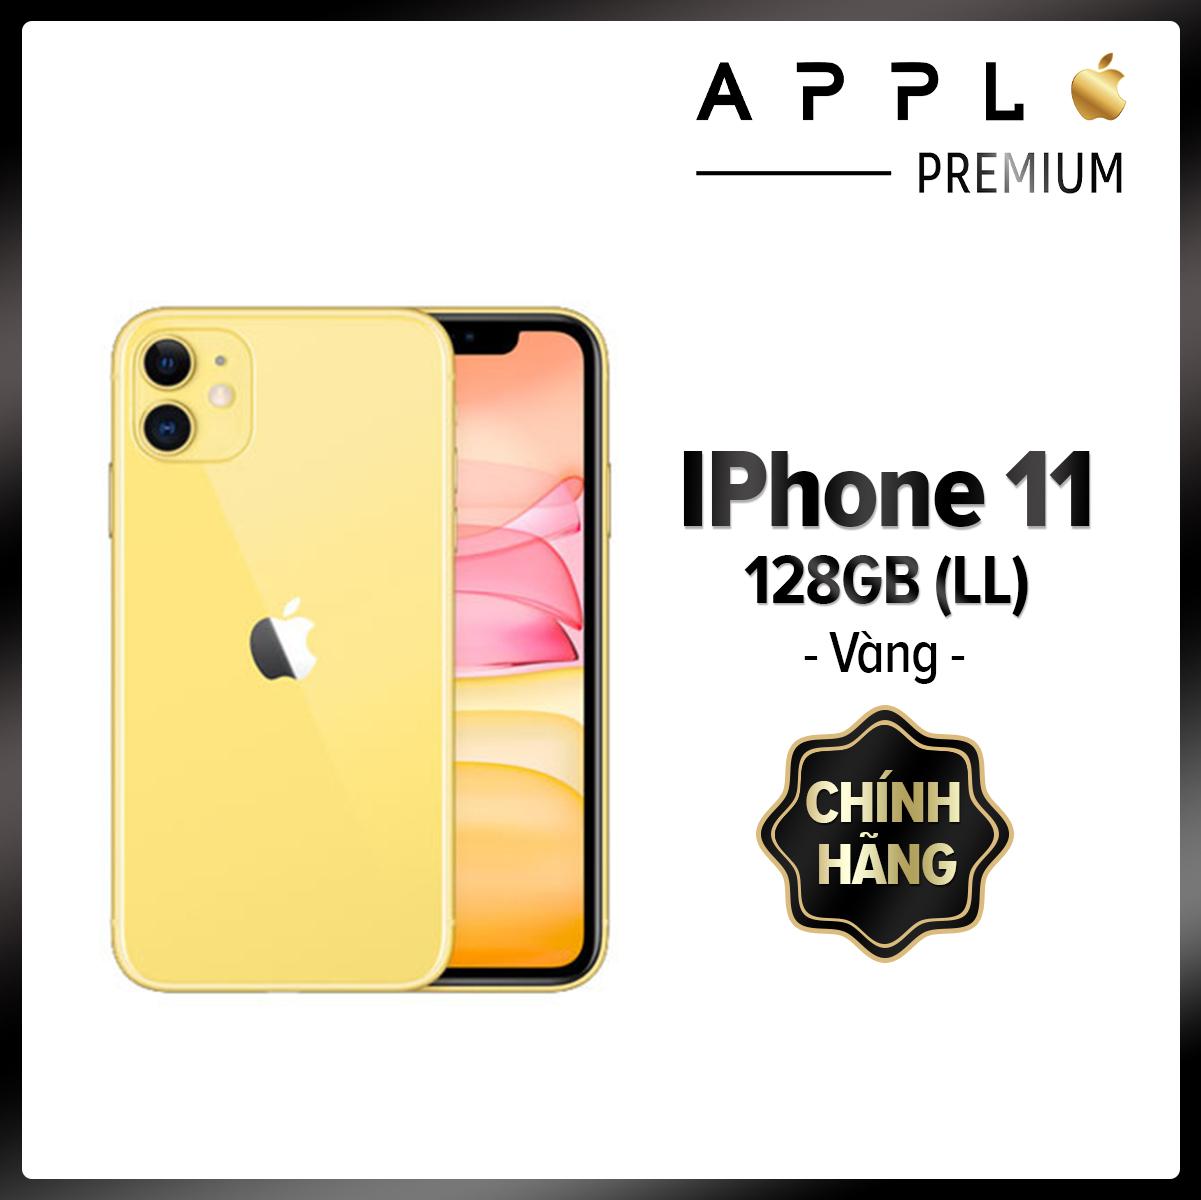 [Hàng Chính Hãng] iPhone 11 128G Xanh - BH 12 tháng - Mới new 100% - Giao nhanh 24h - ip 11 128g Brand New, Nguyên Seal, Mã Mỹ LL 1 SIM , Bản Quốc Tế [QT] 11 128GB điện thoại 11 BH 12T Xanh [Cửa hàng tại TP HCM]